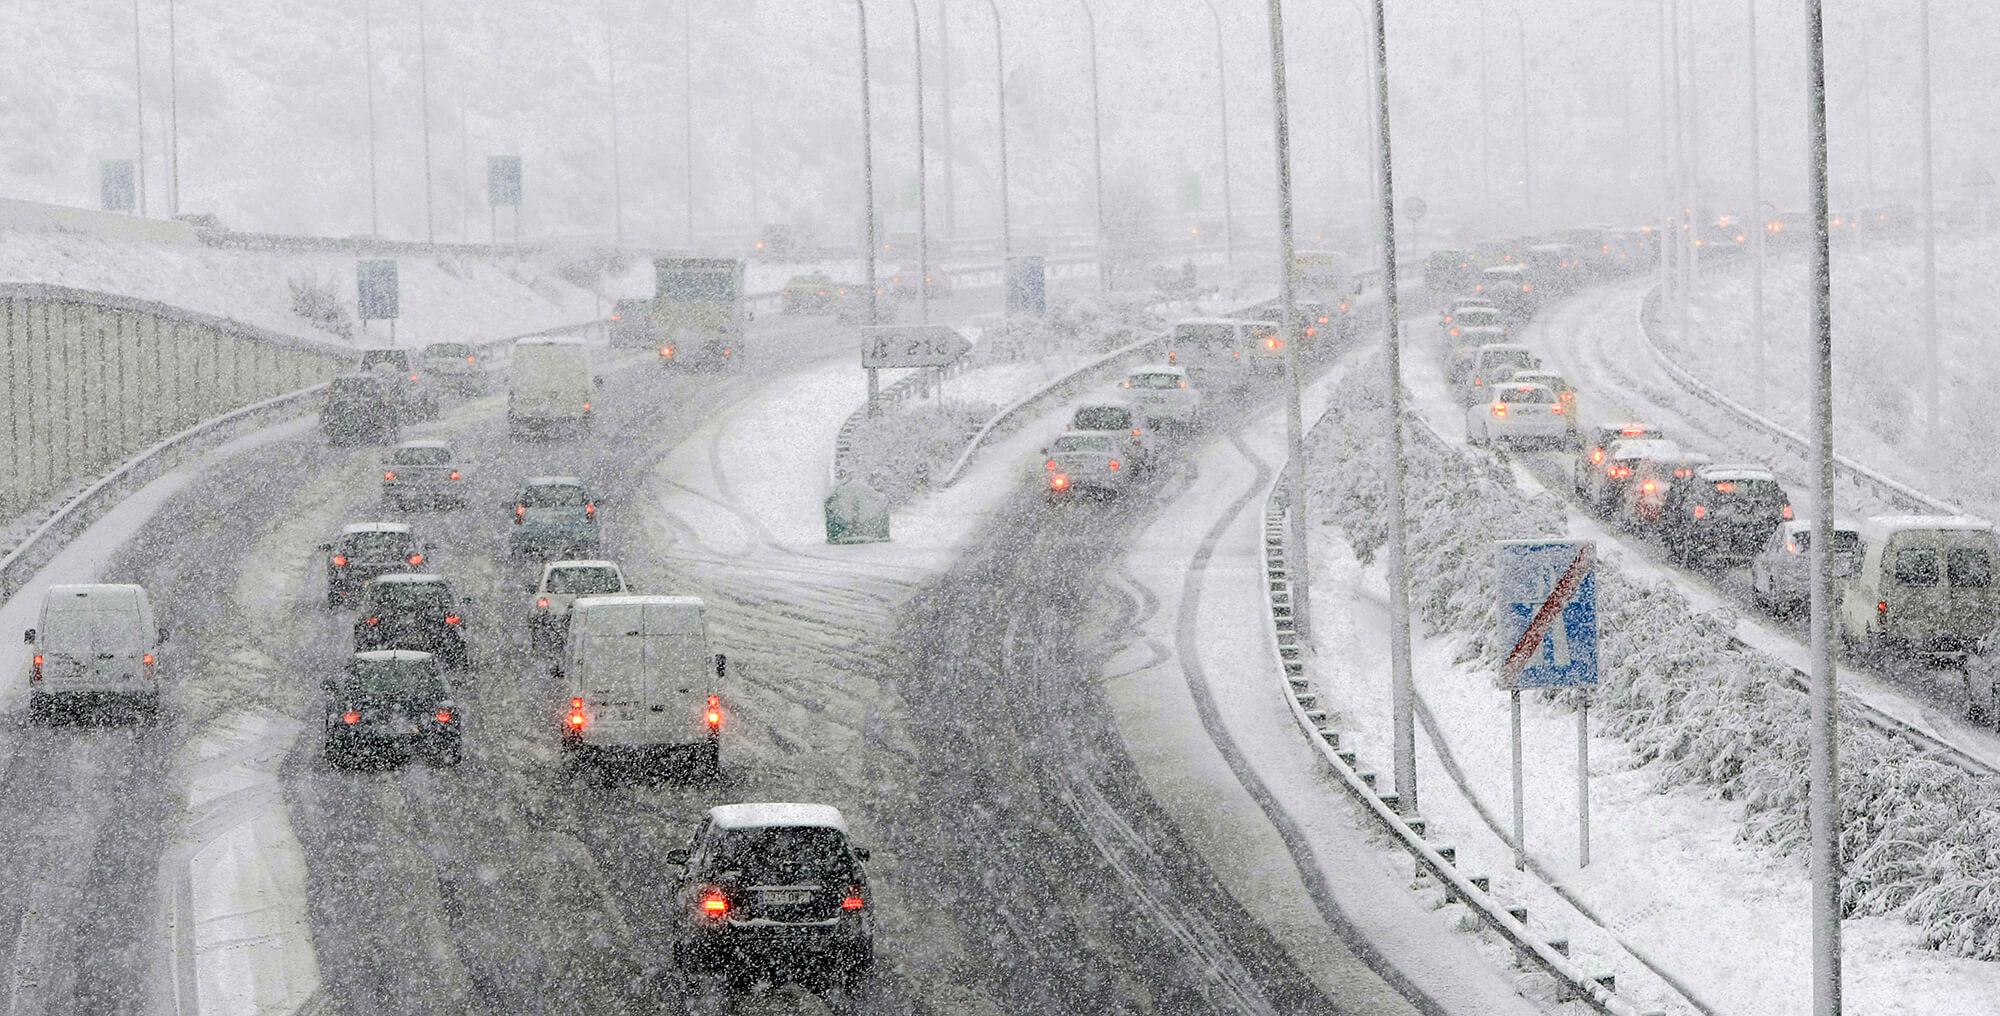 Aspecte de la gran nevada del 8 de març, amb cotxes circulant per la C-32.